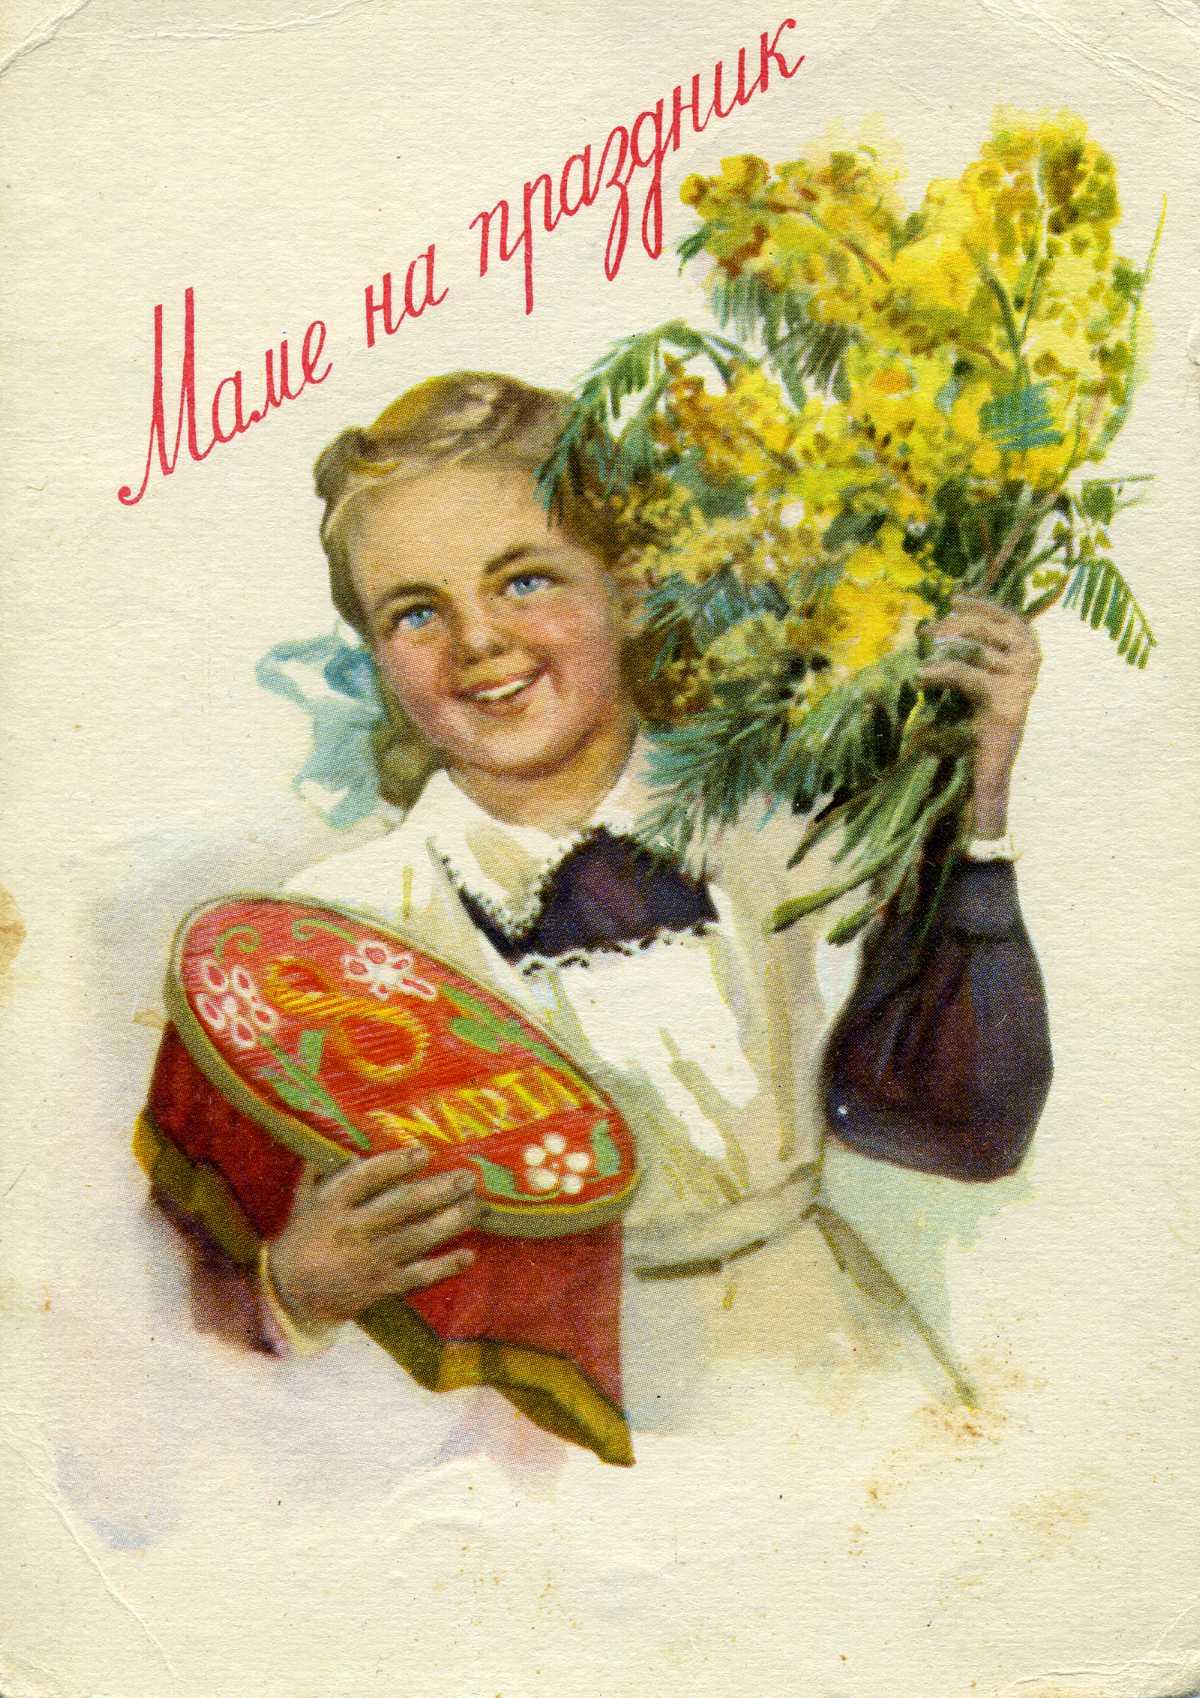 Вам открытка: 1960г фото картинка поздравление скачать